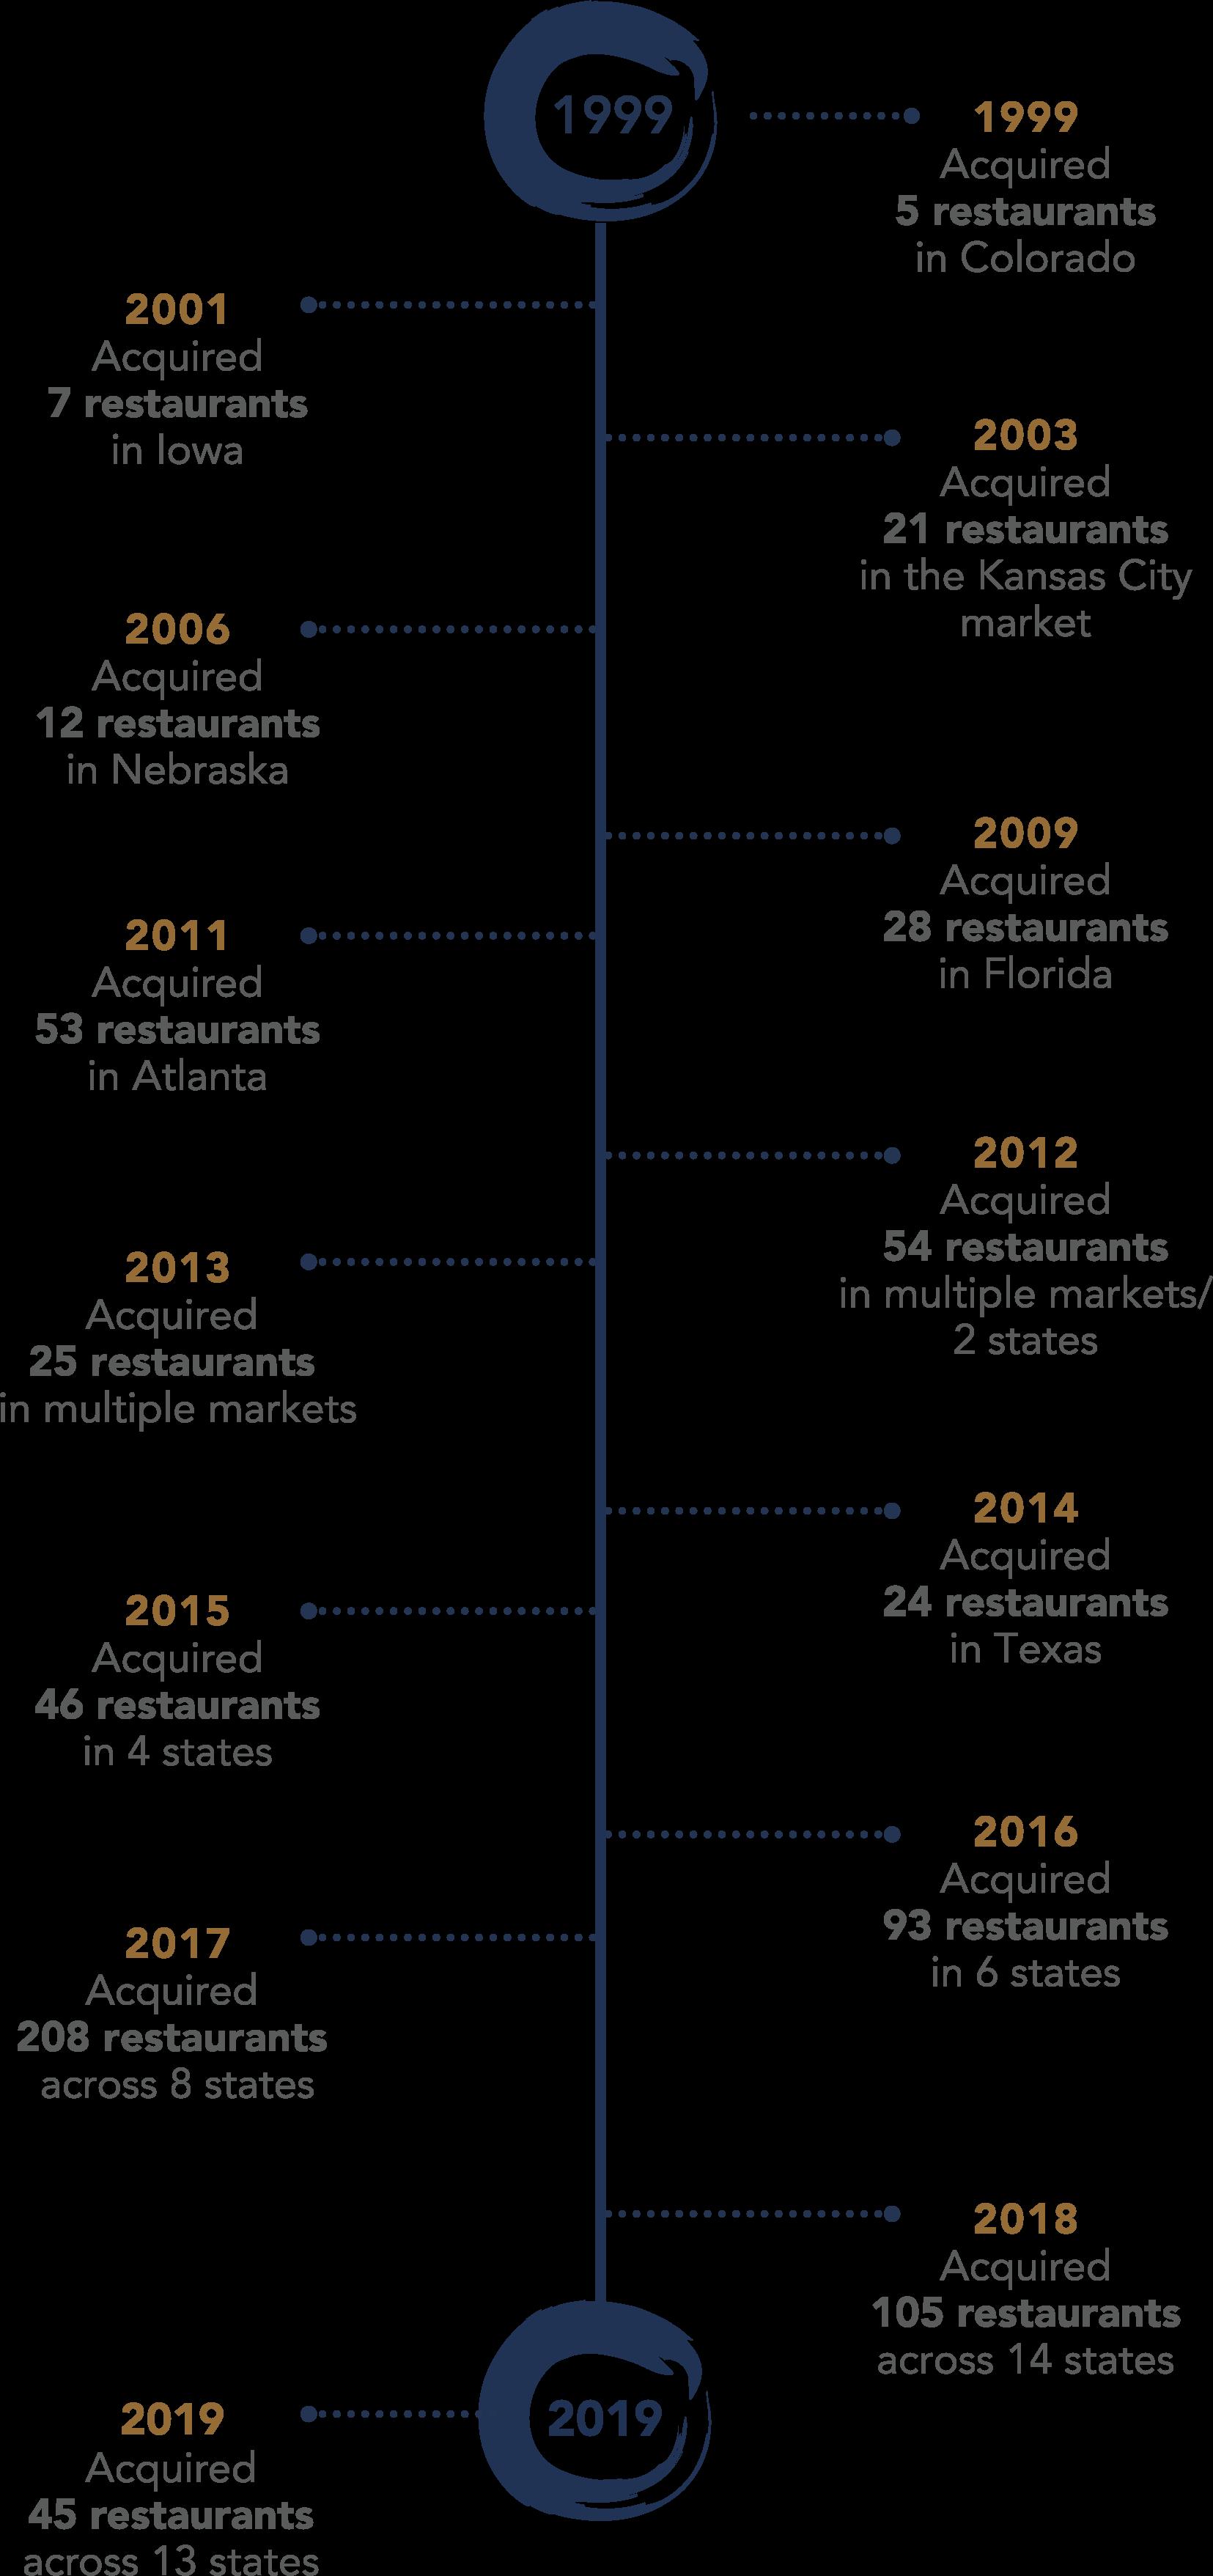 Kbp Timeline12.9